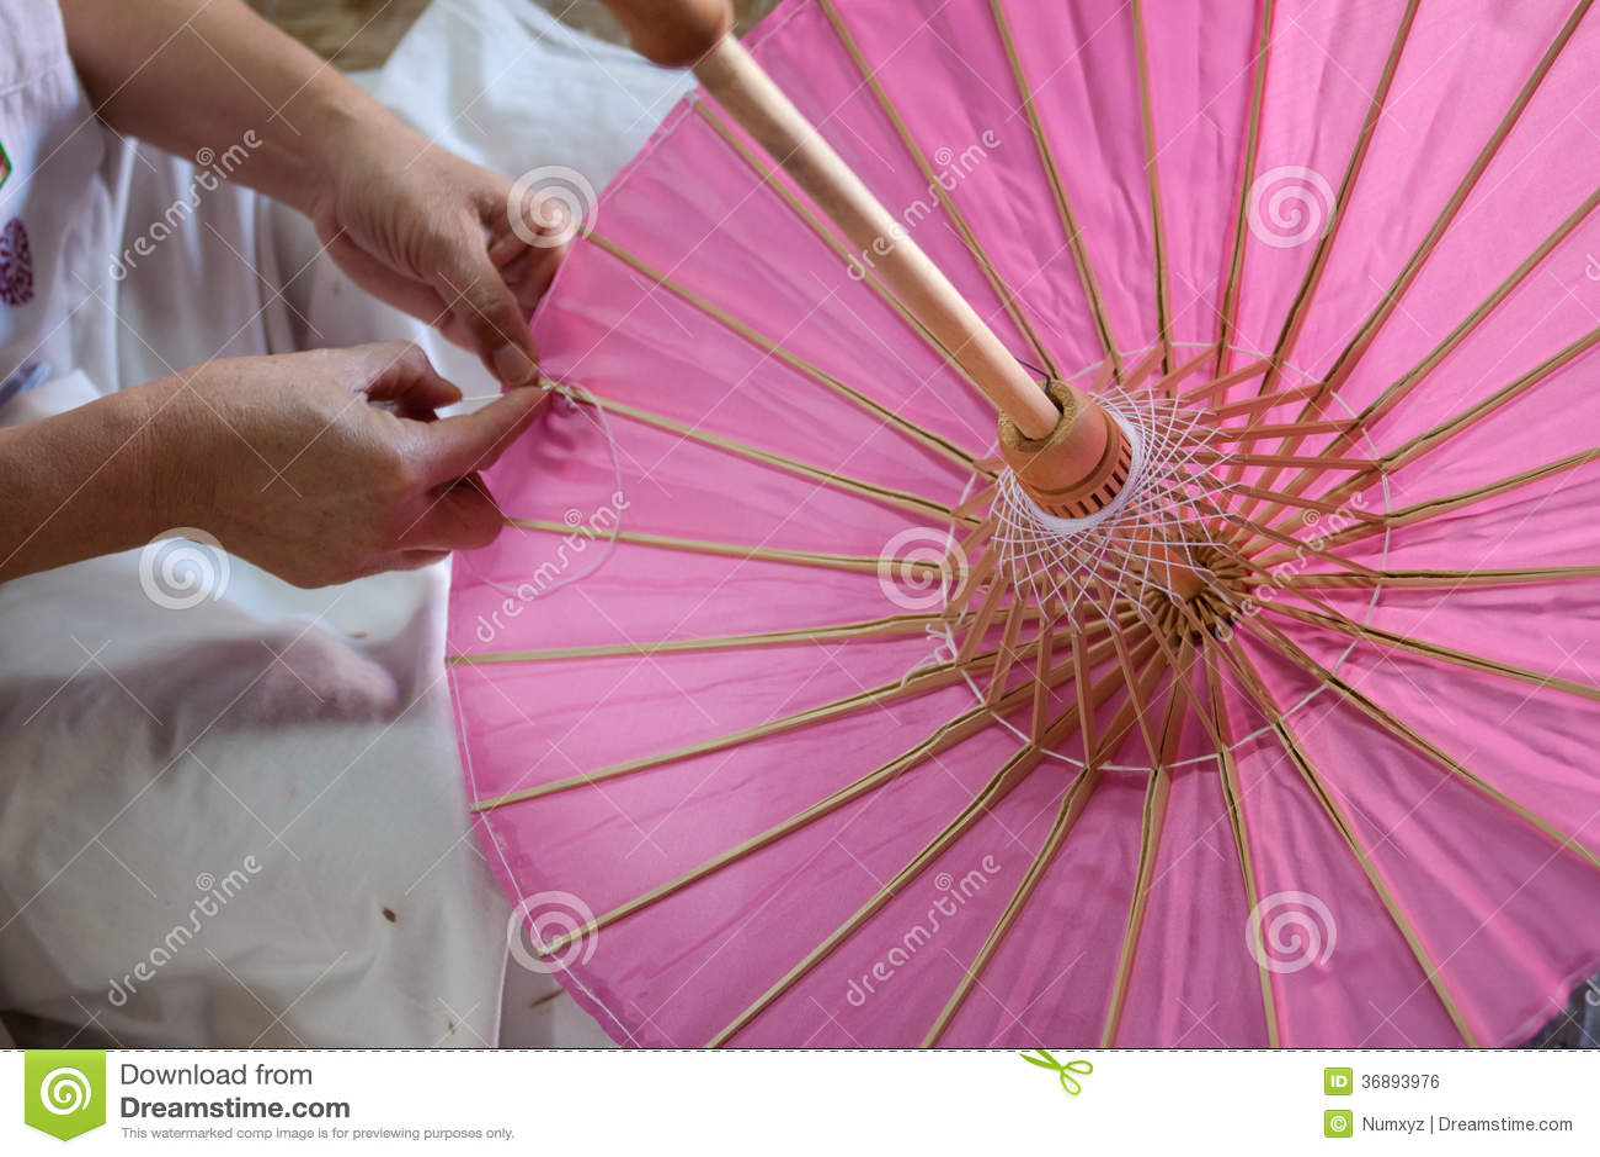 Download L'ombrello Ha Fatto La Carta Della Forma Fotografia Stock - Immagine di coltura, giapponese: 36893976